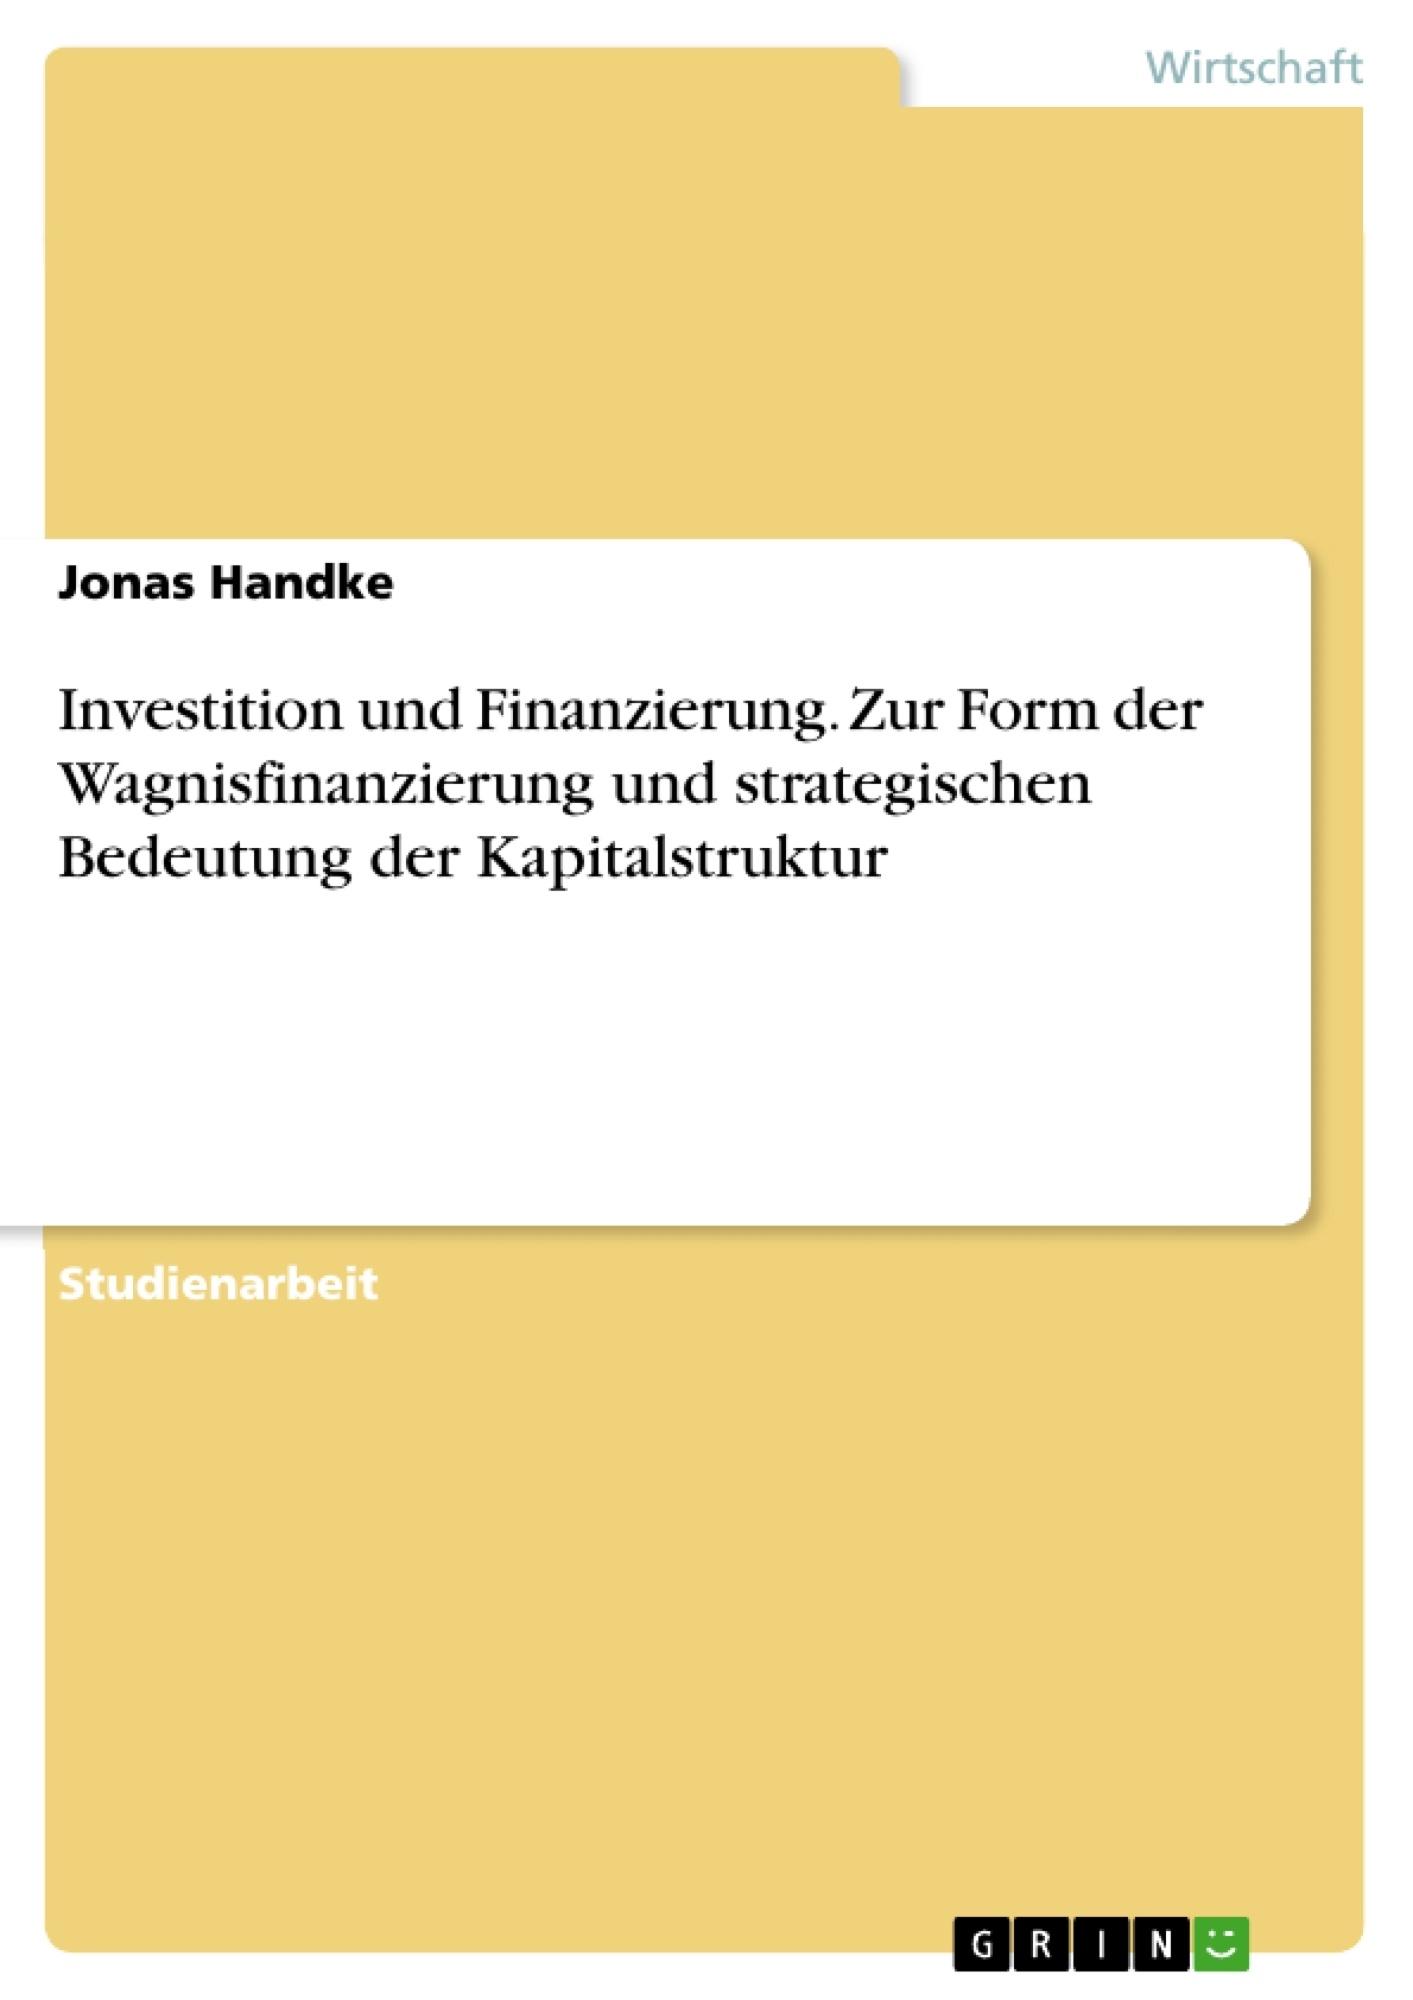 Titel: Investition und Finanzierung. Zur Form der Wagnisfinanzierung und strategischen Bedeutung der Kapitalstruktur